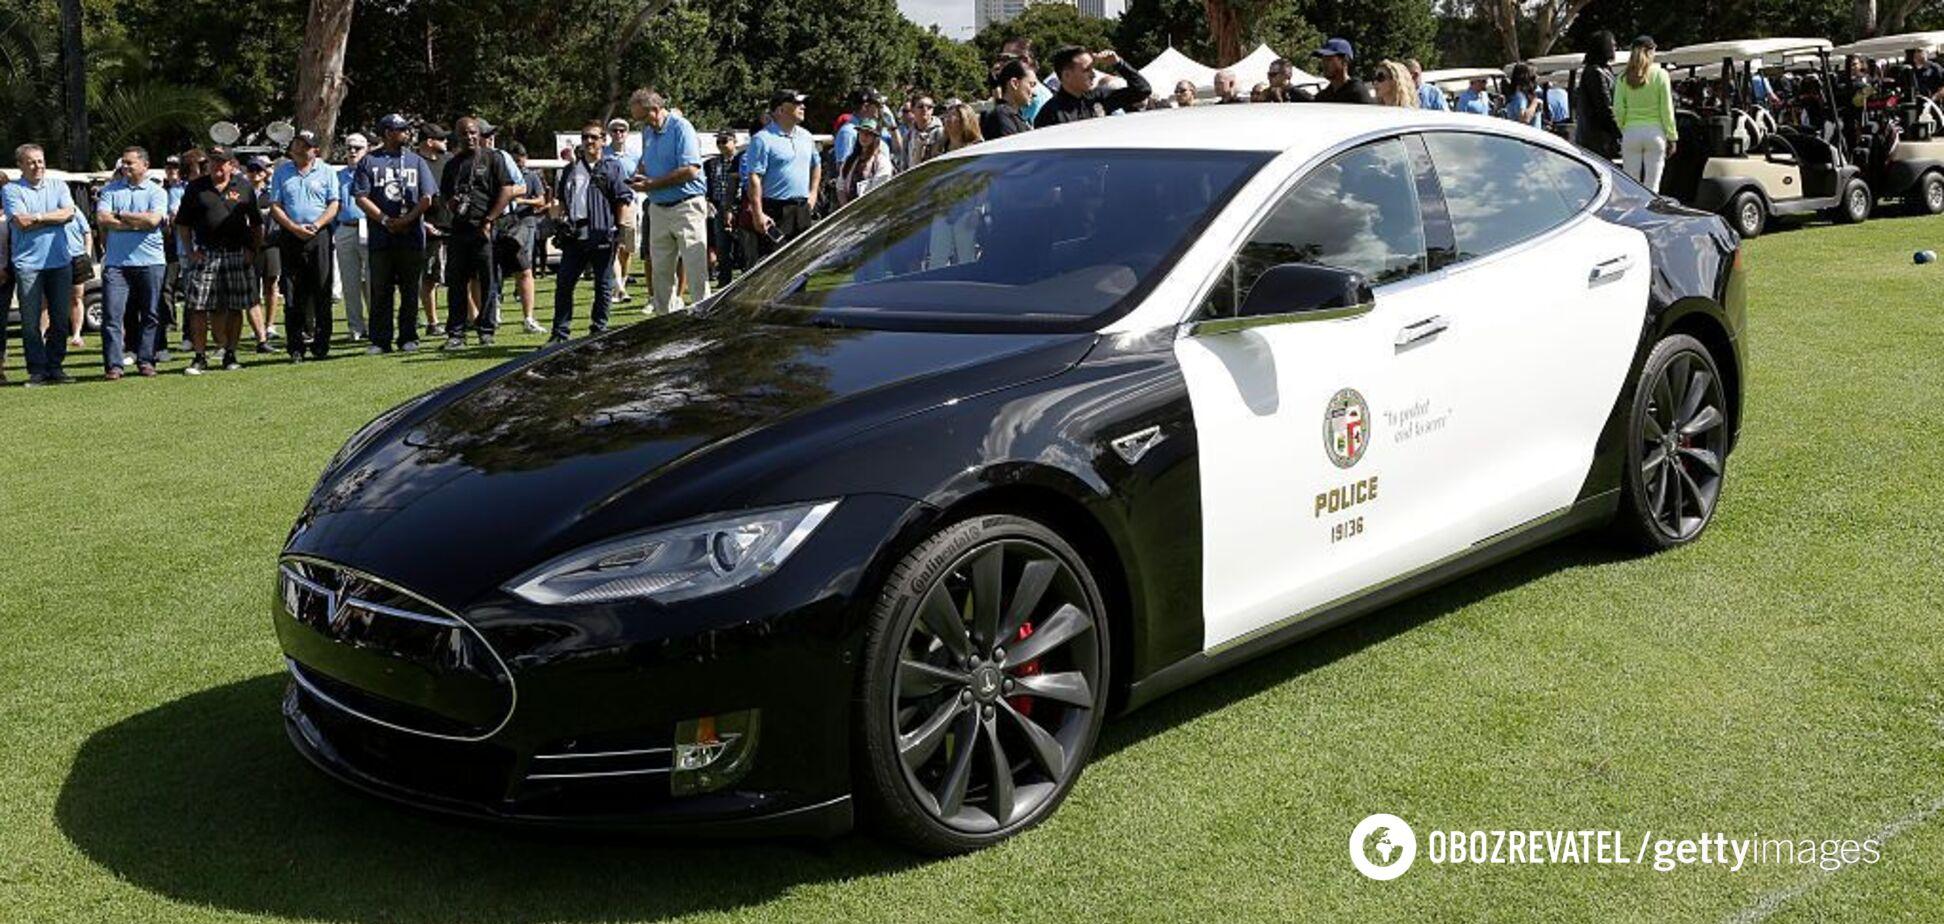 'Заряд кончается, преступник уходит': полицейская Tesla 'умерла' во время погони